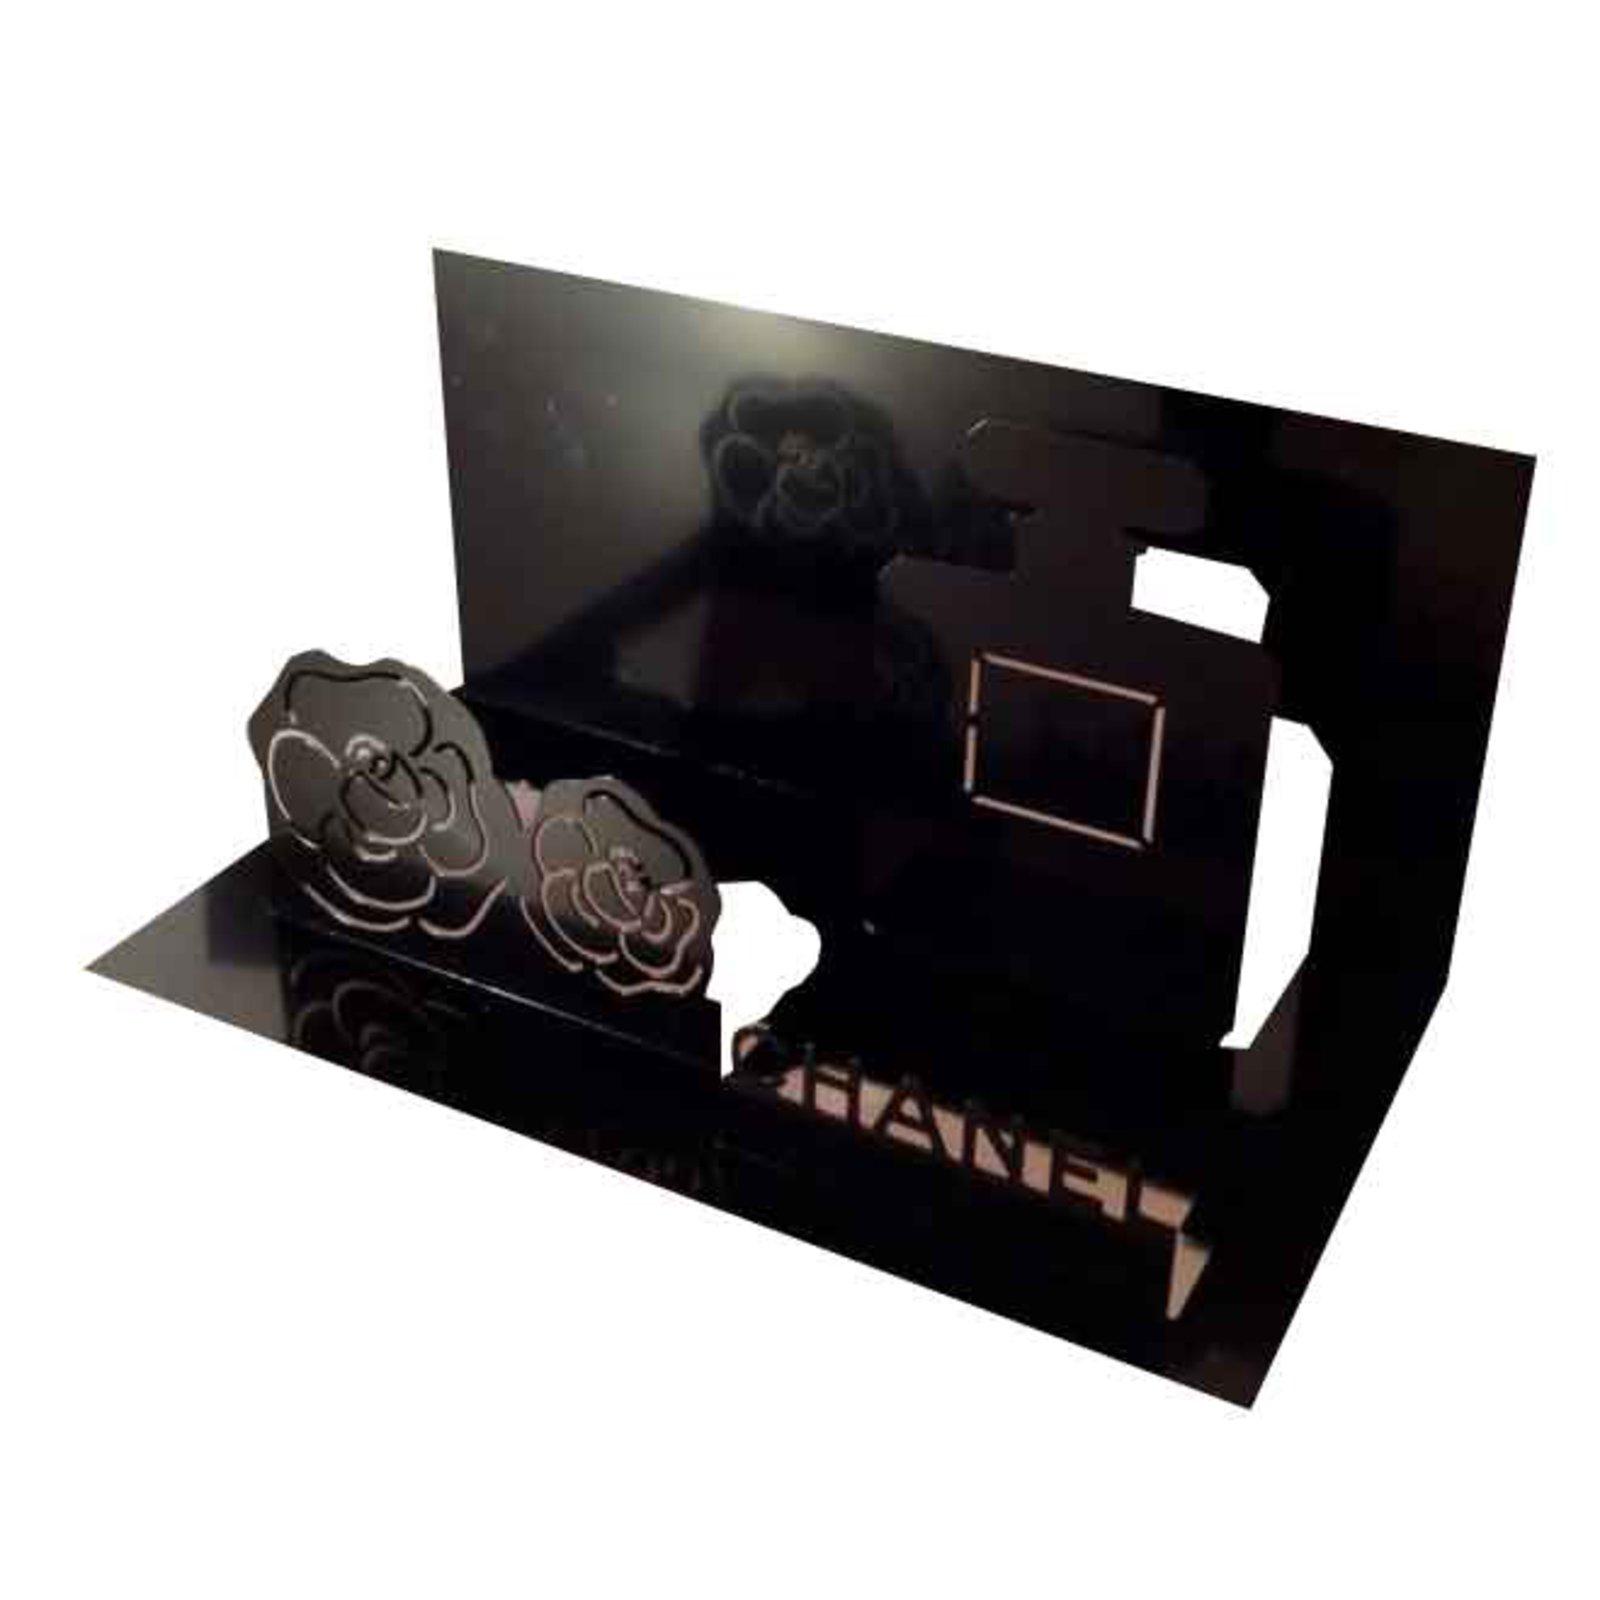 cadeaux vip chanel porte serviette ou porte envelopp m tal noir joli closet. Black Bedroom Furniture Sets. Home Design Ideas